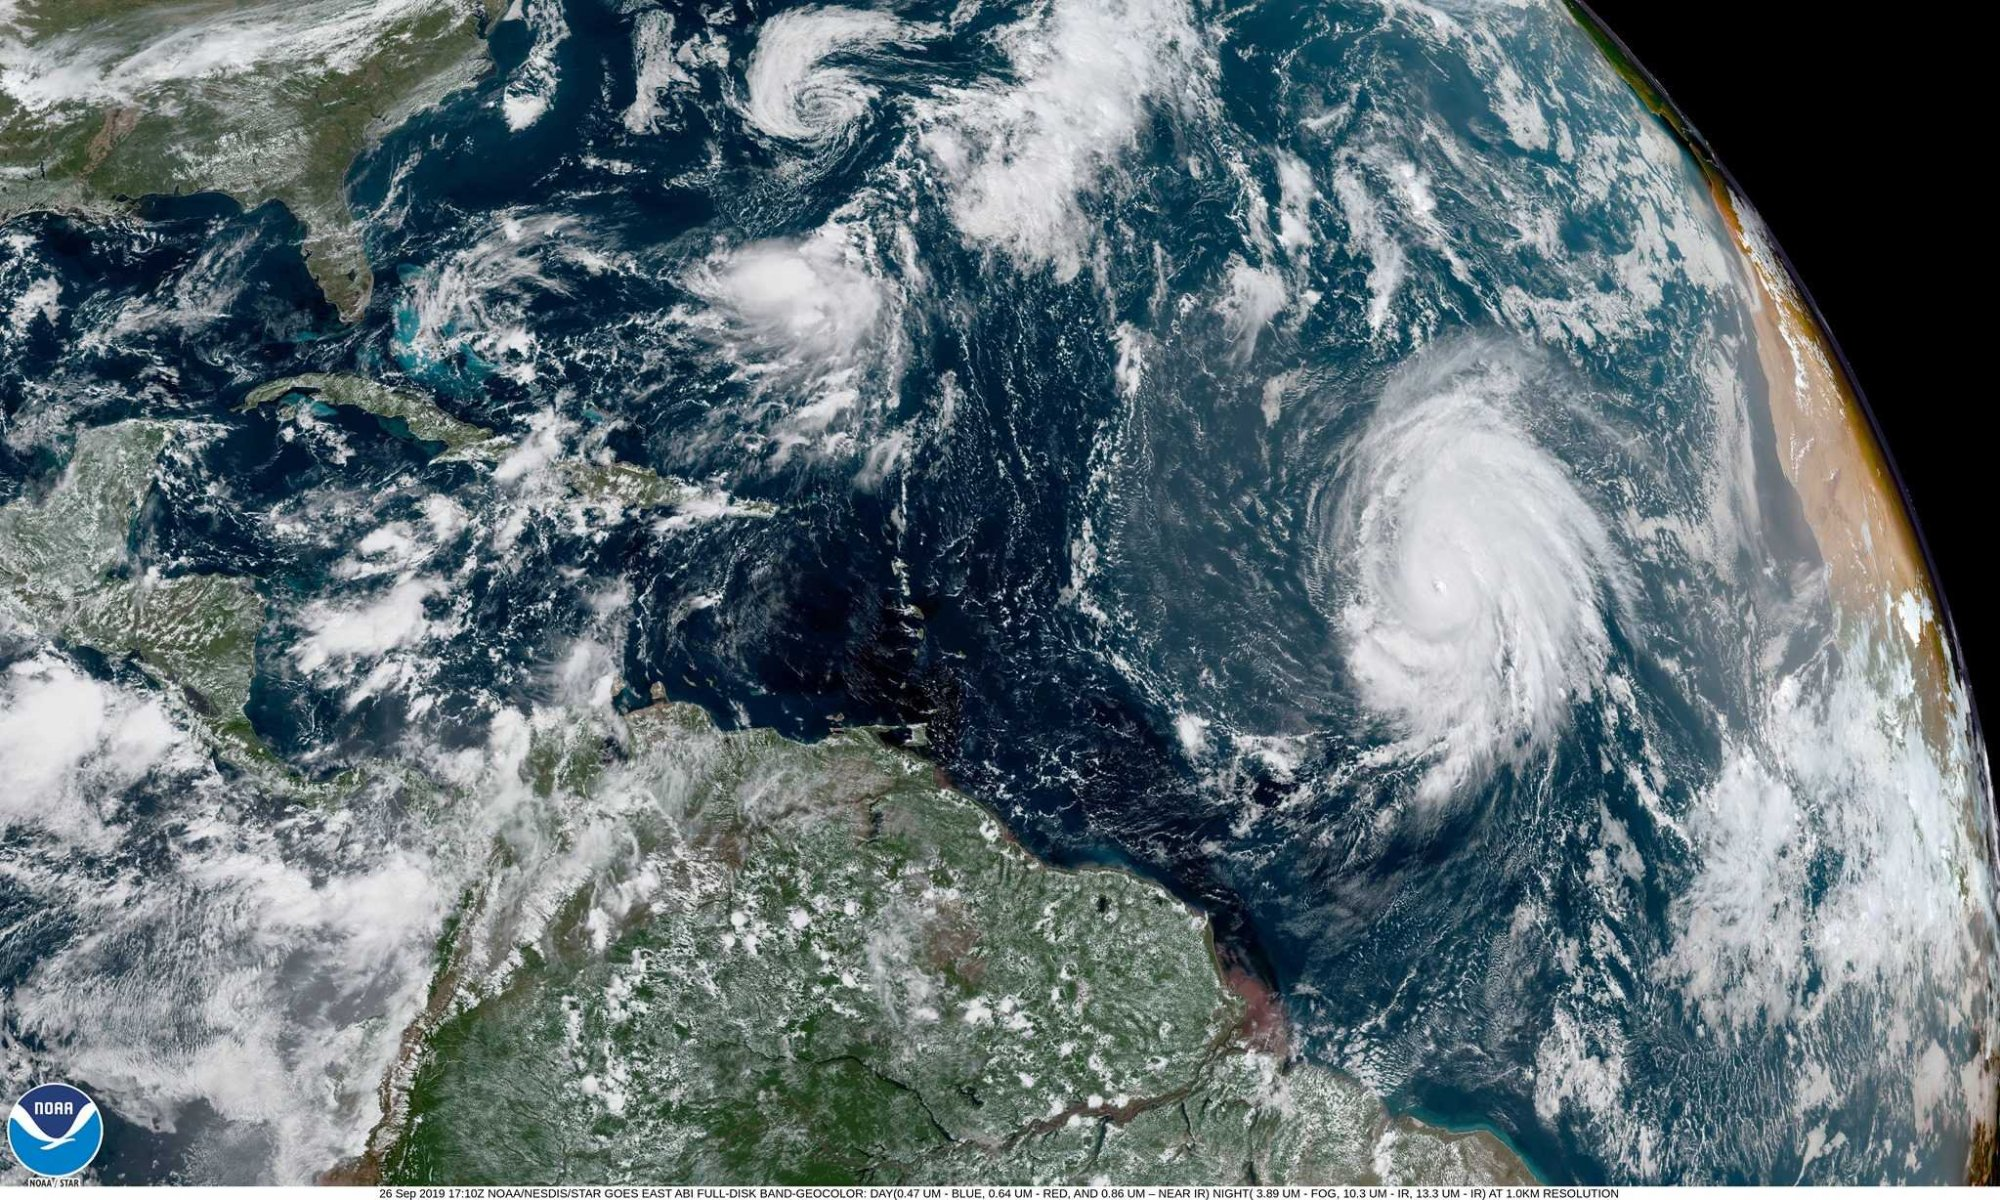 Hurrikan Lorenzo über dem Atlantik.